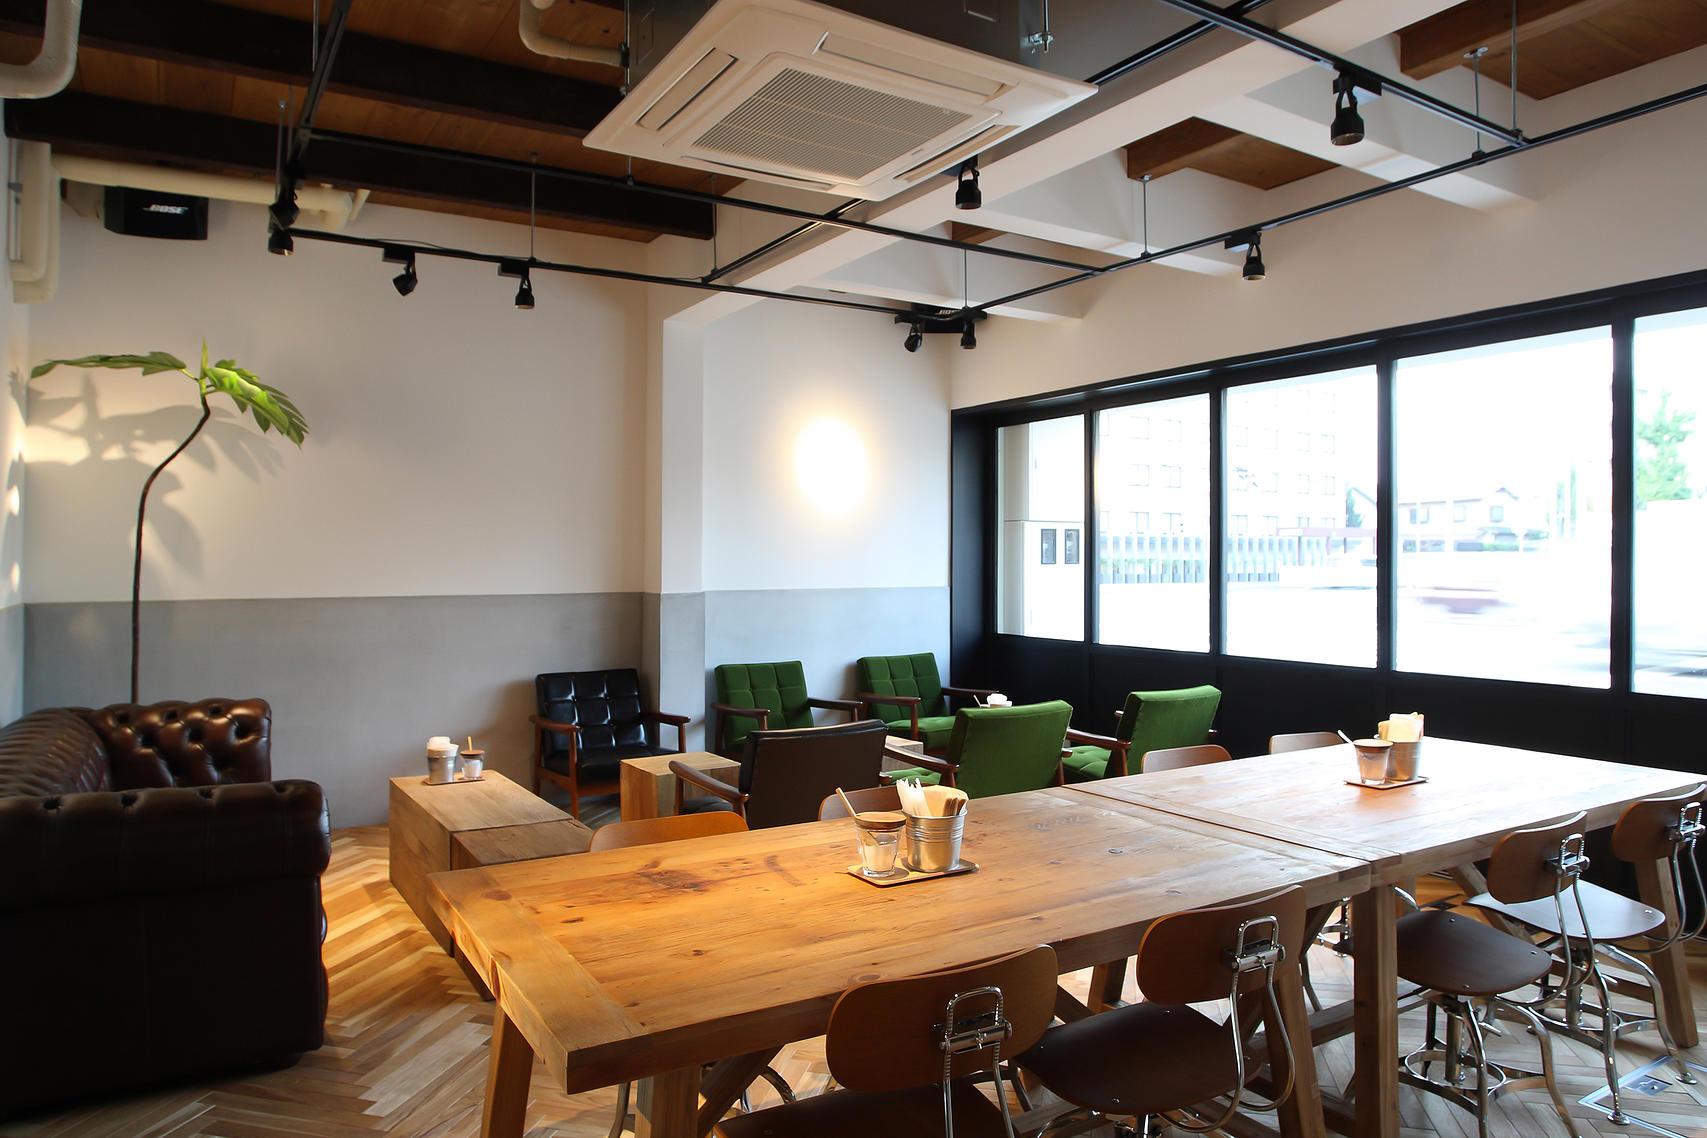 京都で美味しいコーヒーが飲めるホテル3選 THE LOWER EAST NINE HOSTEL